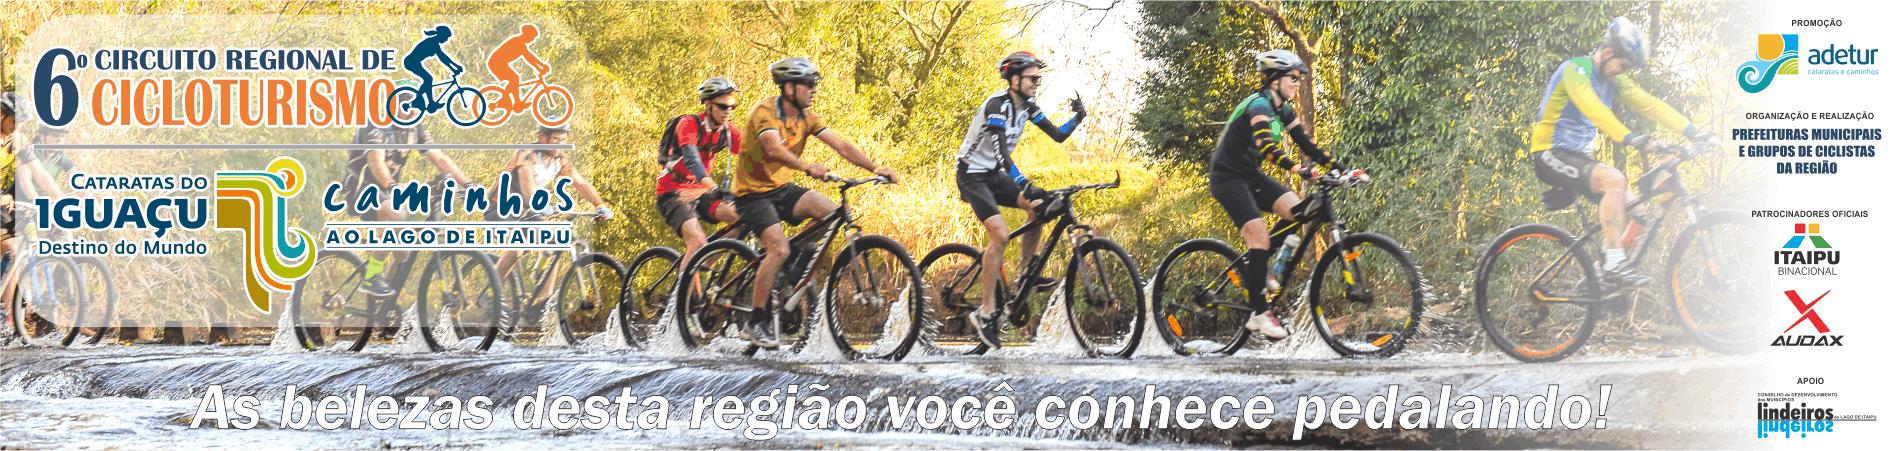 6ª edição Circuito Regional de Cicloturismo - Etapa  PATO BRAGADO